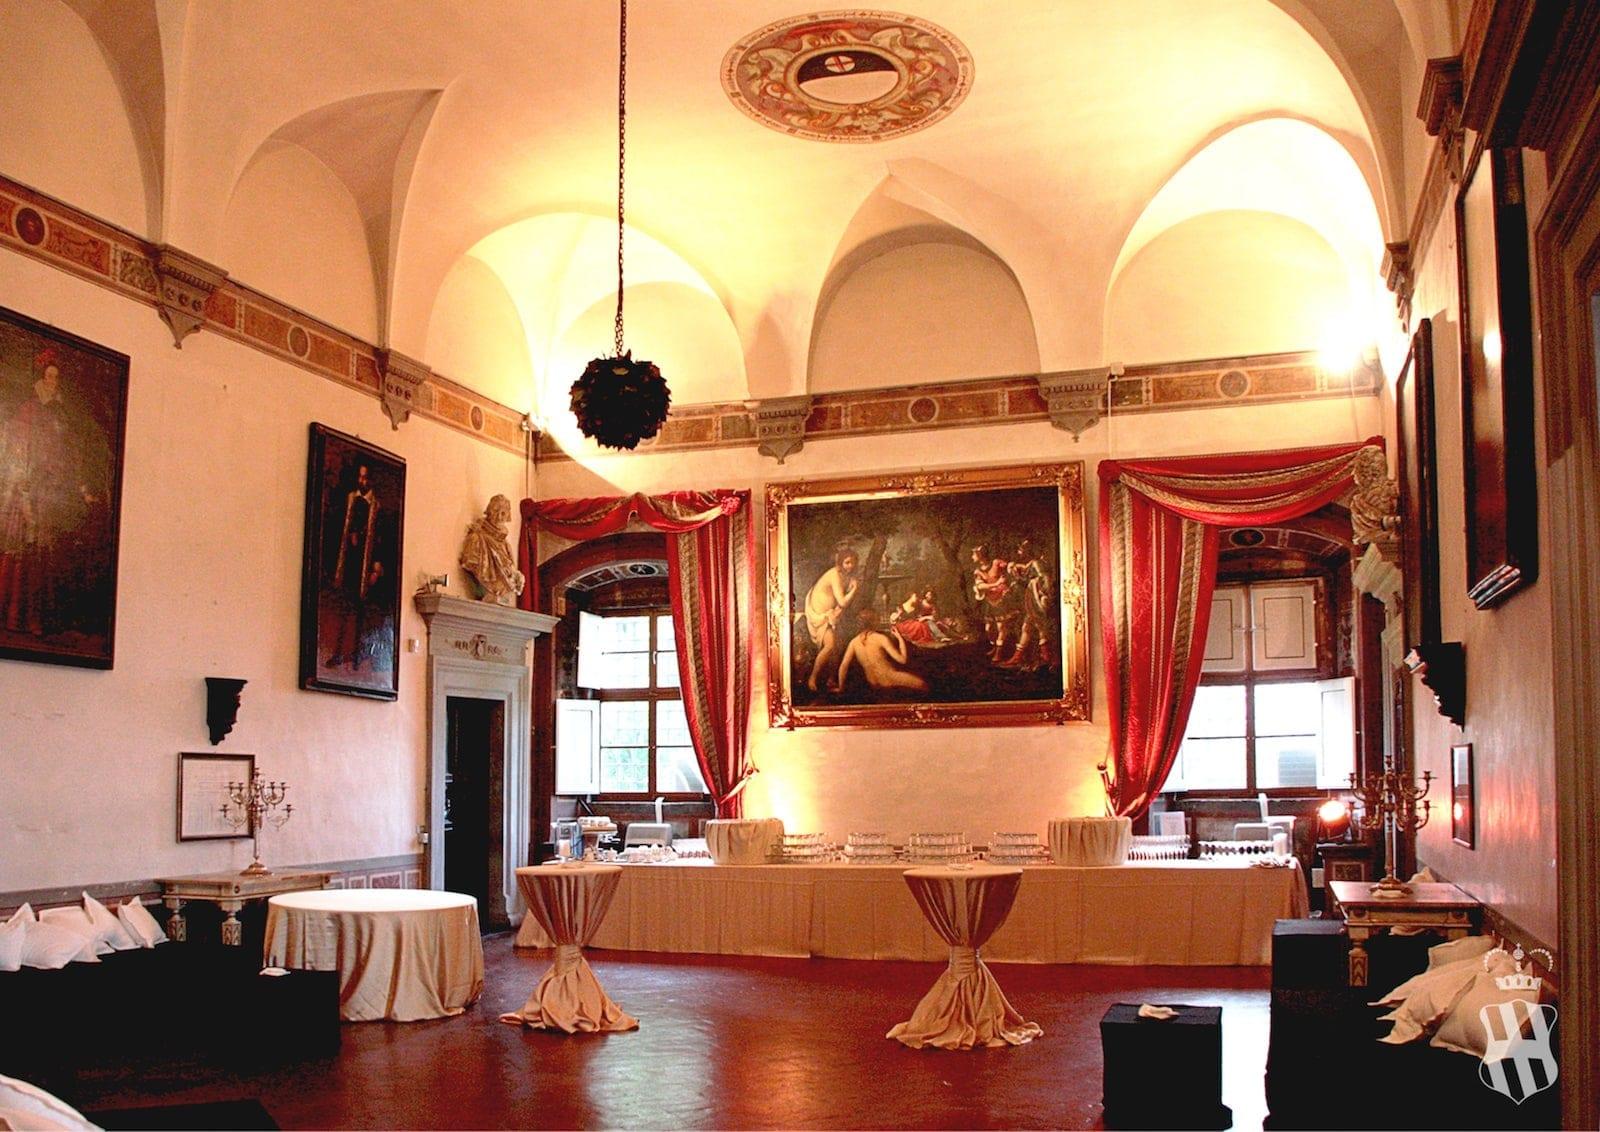 Camere Da Letto Corsini.Gli Ambienti Interni E I Giardini Villa Corsini A Mezzomonte